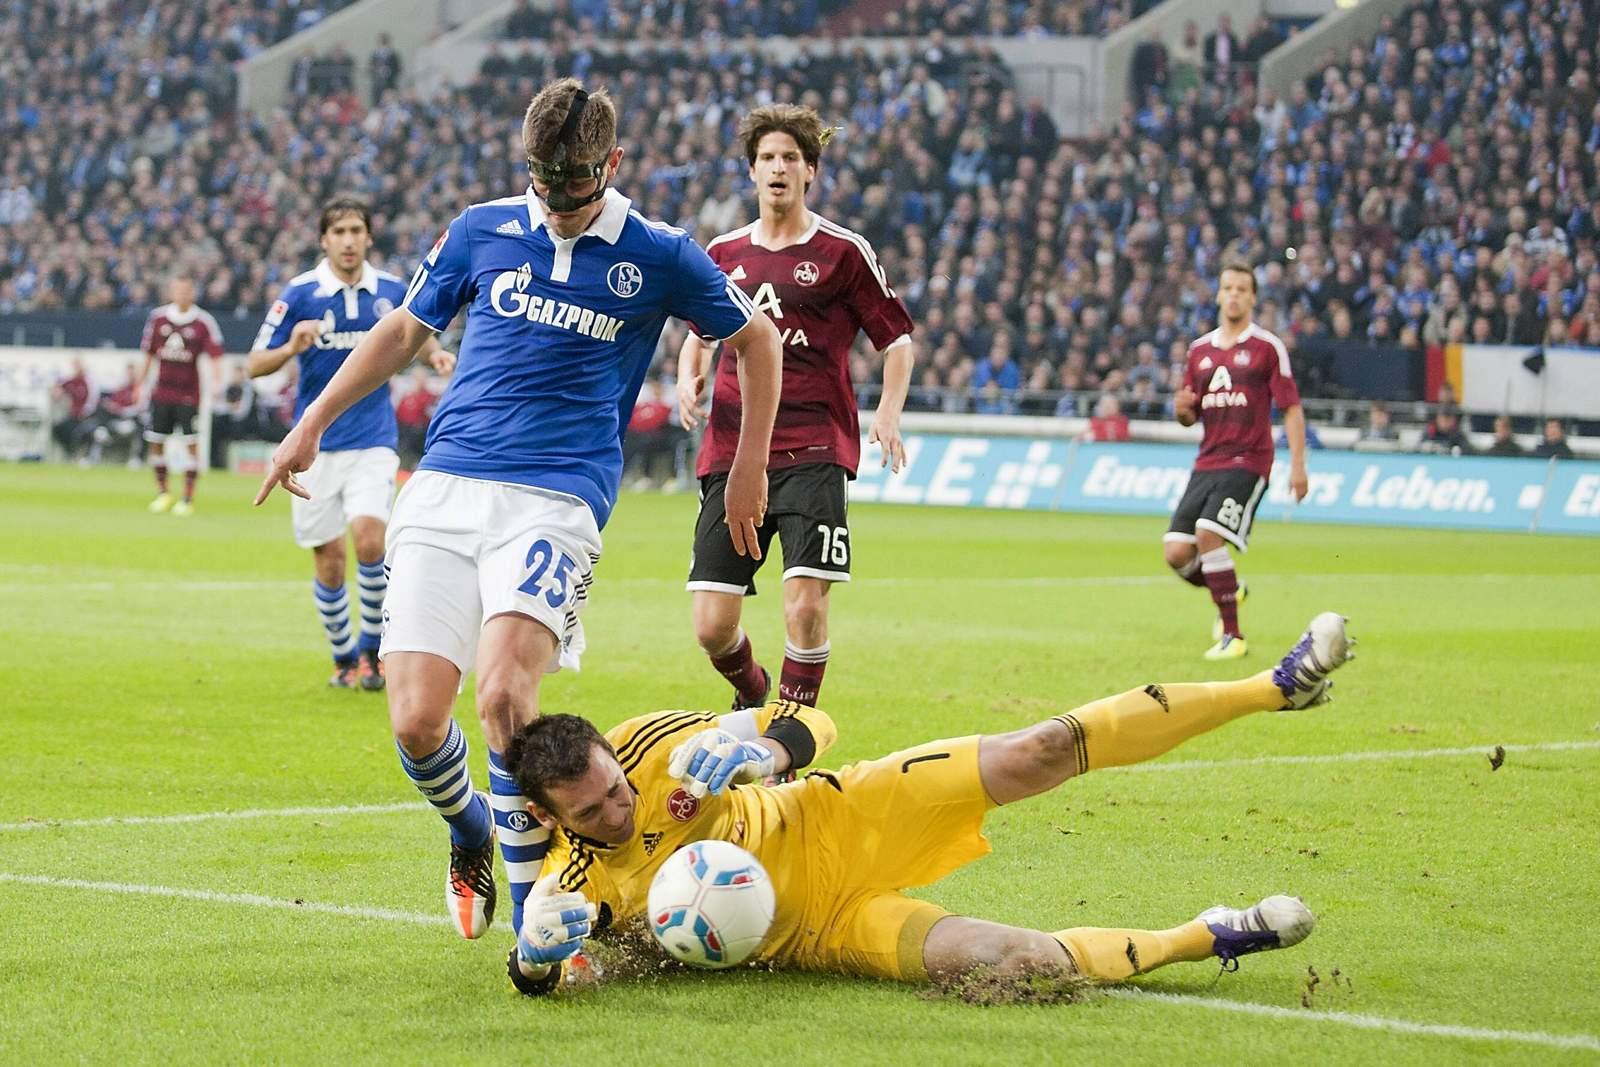 Raphael Schäfer schnappt sich den Ball. Jetzt auf Nürnberg gegen Schalke wetten!